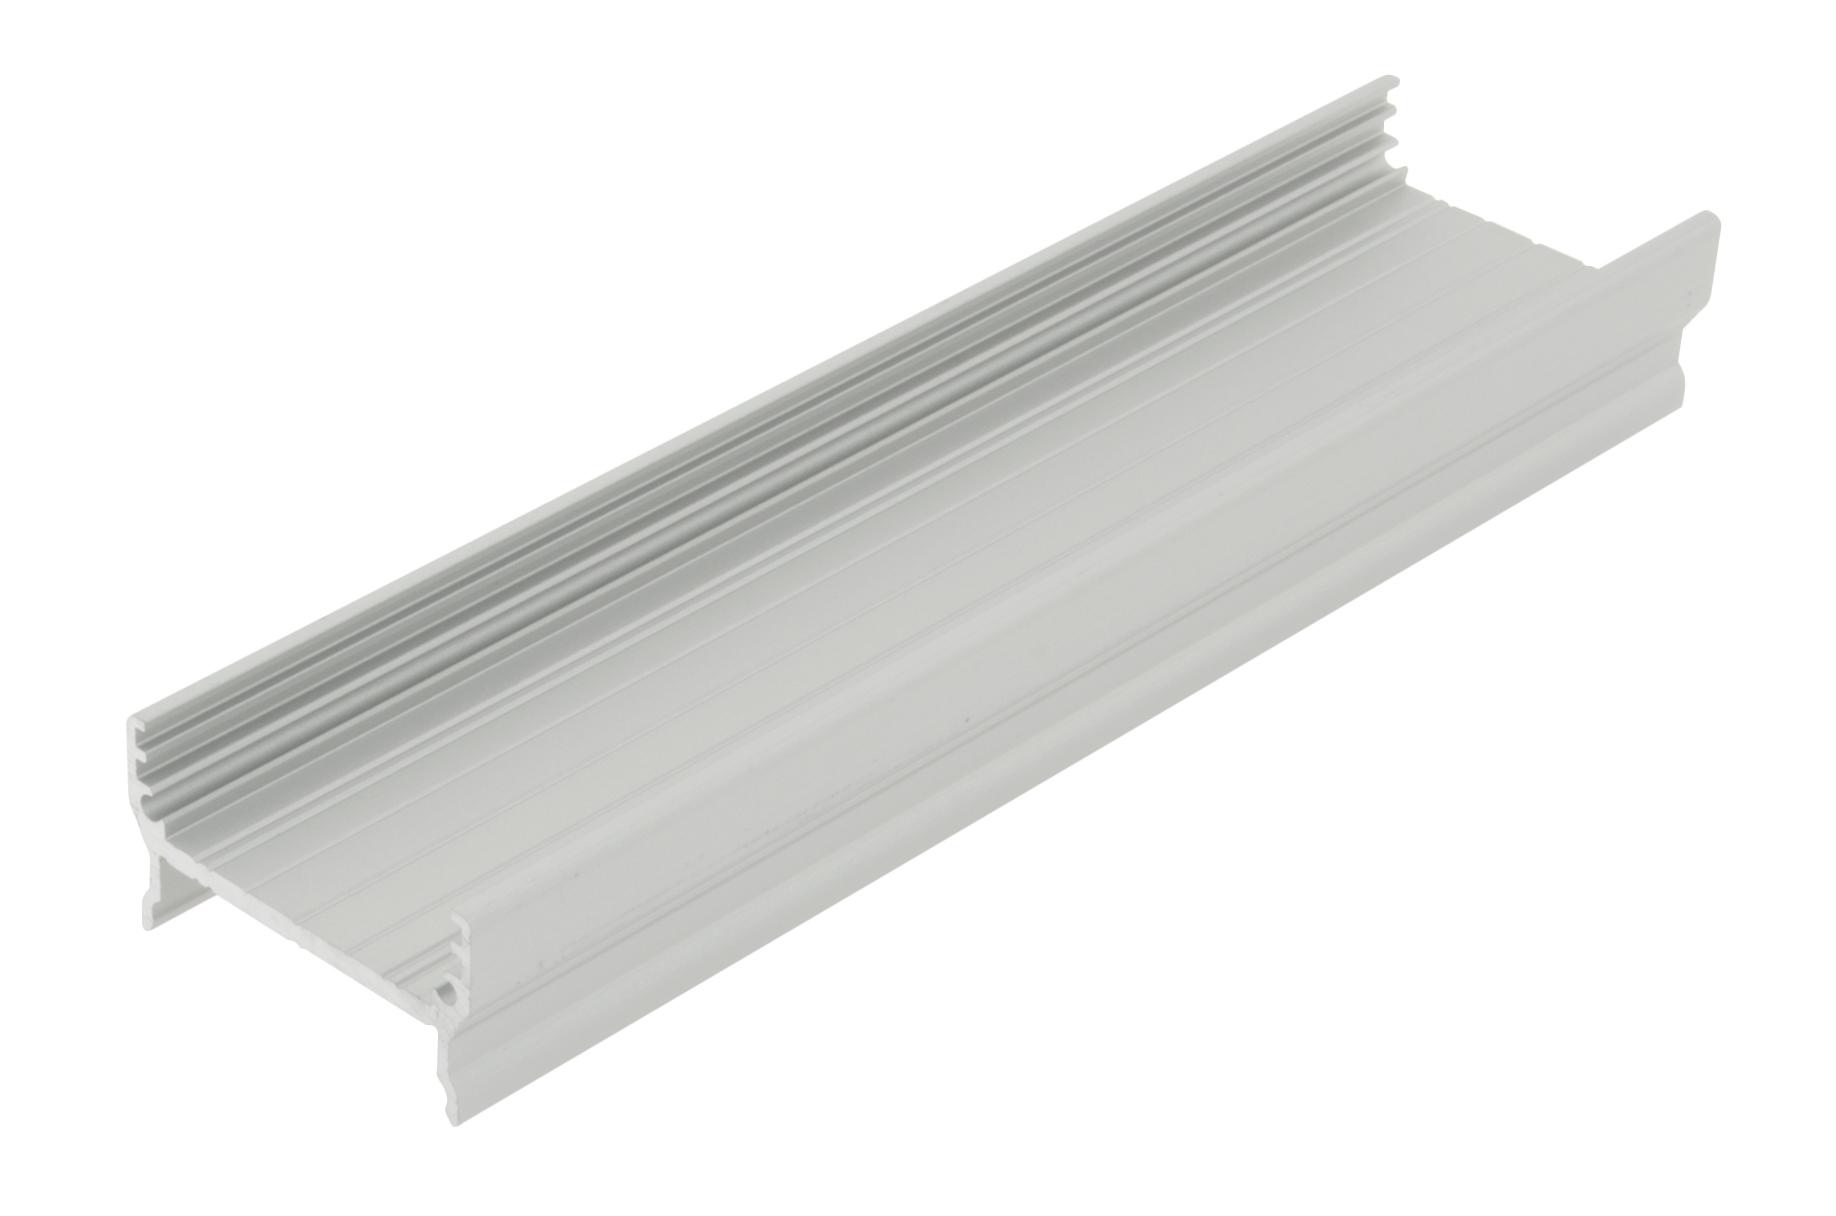 1 m Aluminium Einsatz MF 2m LIAP005000